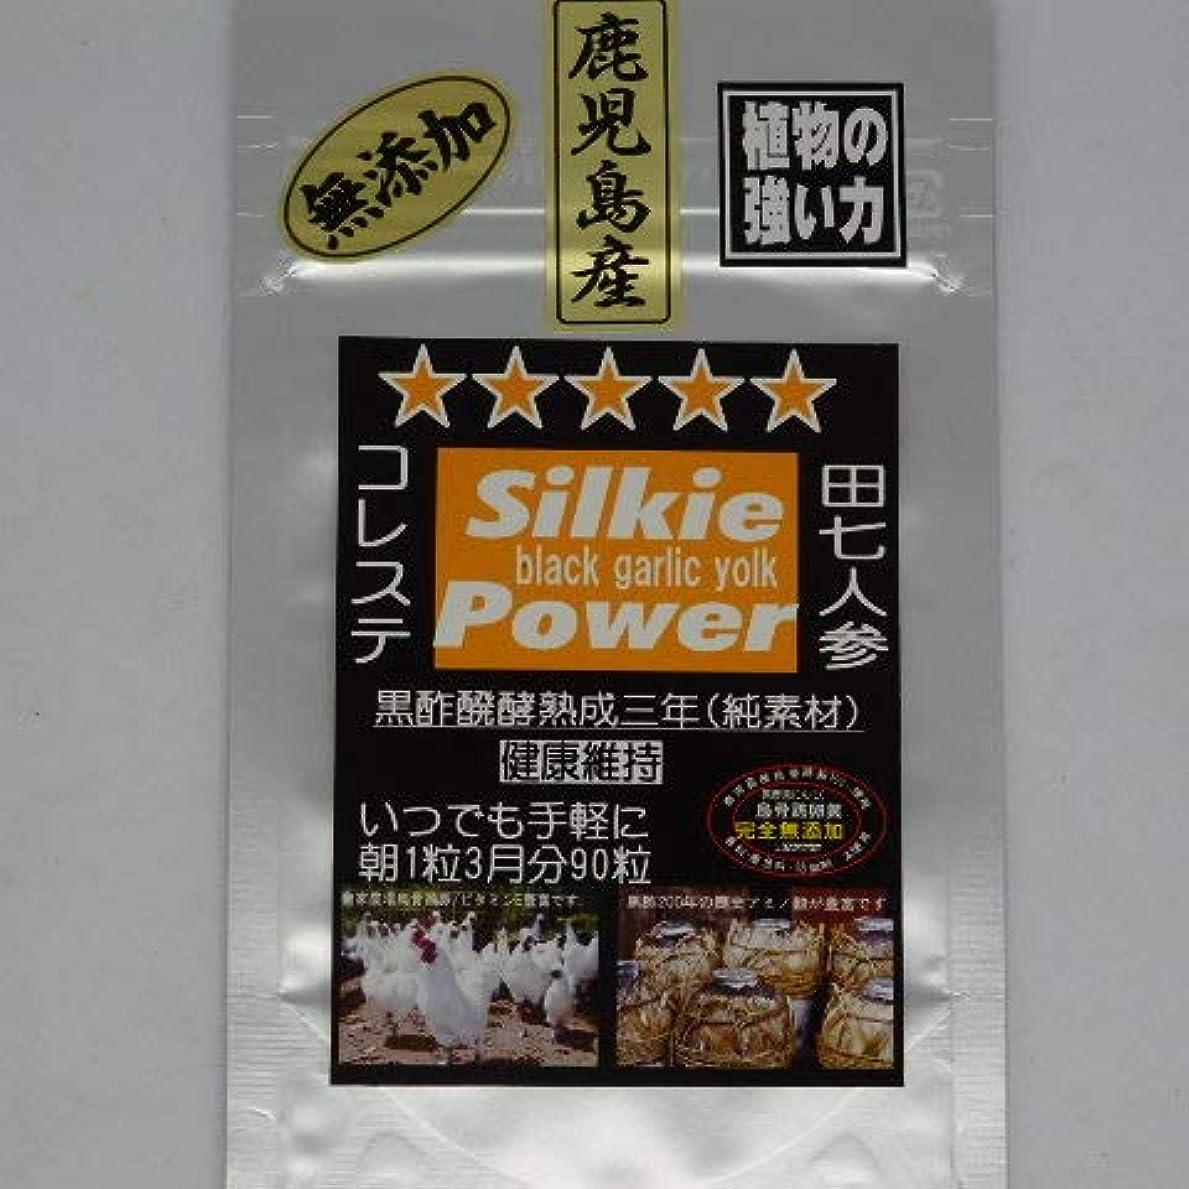 ウッズ先のことを考える糞黒酢黒にんにく烏骨鶏卵黄/田七人参(90粒)90日分¥11,700